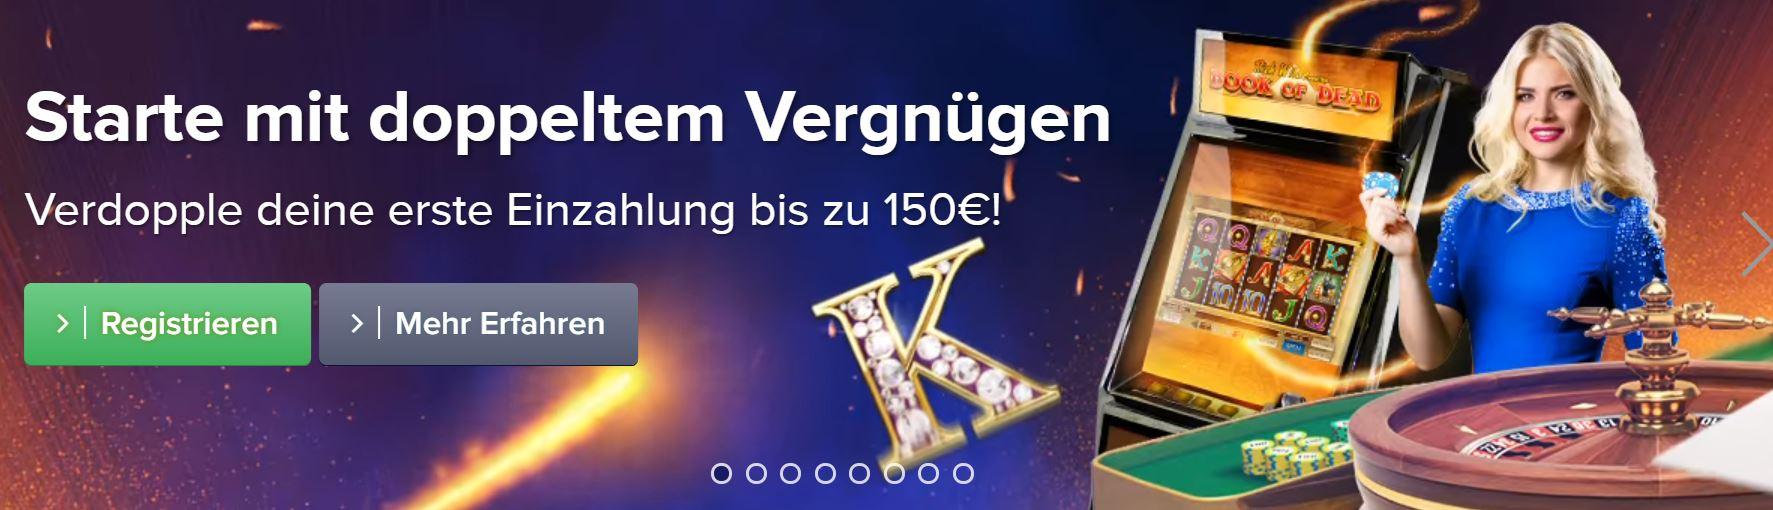 Casino Euro Bonus 2019